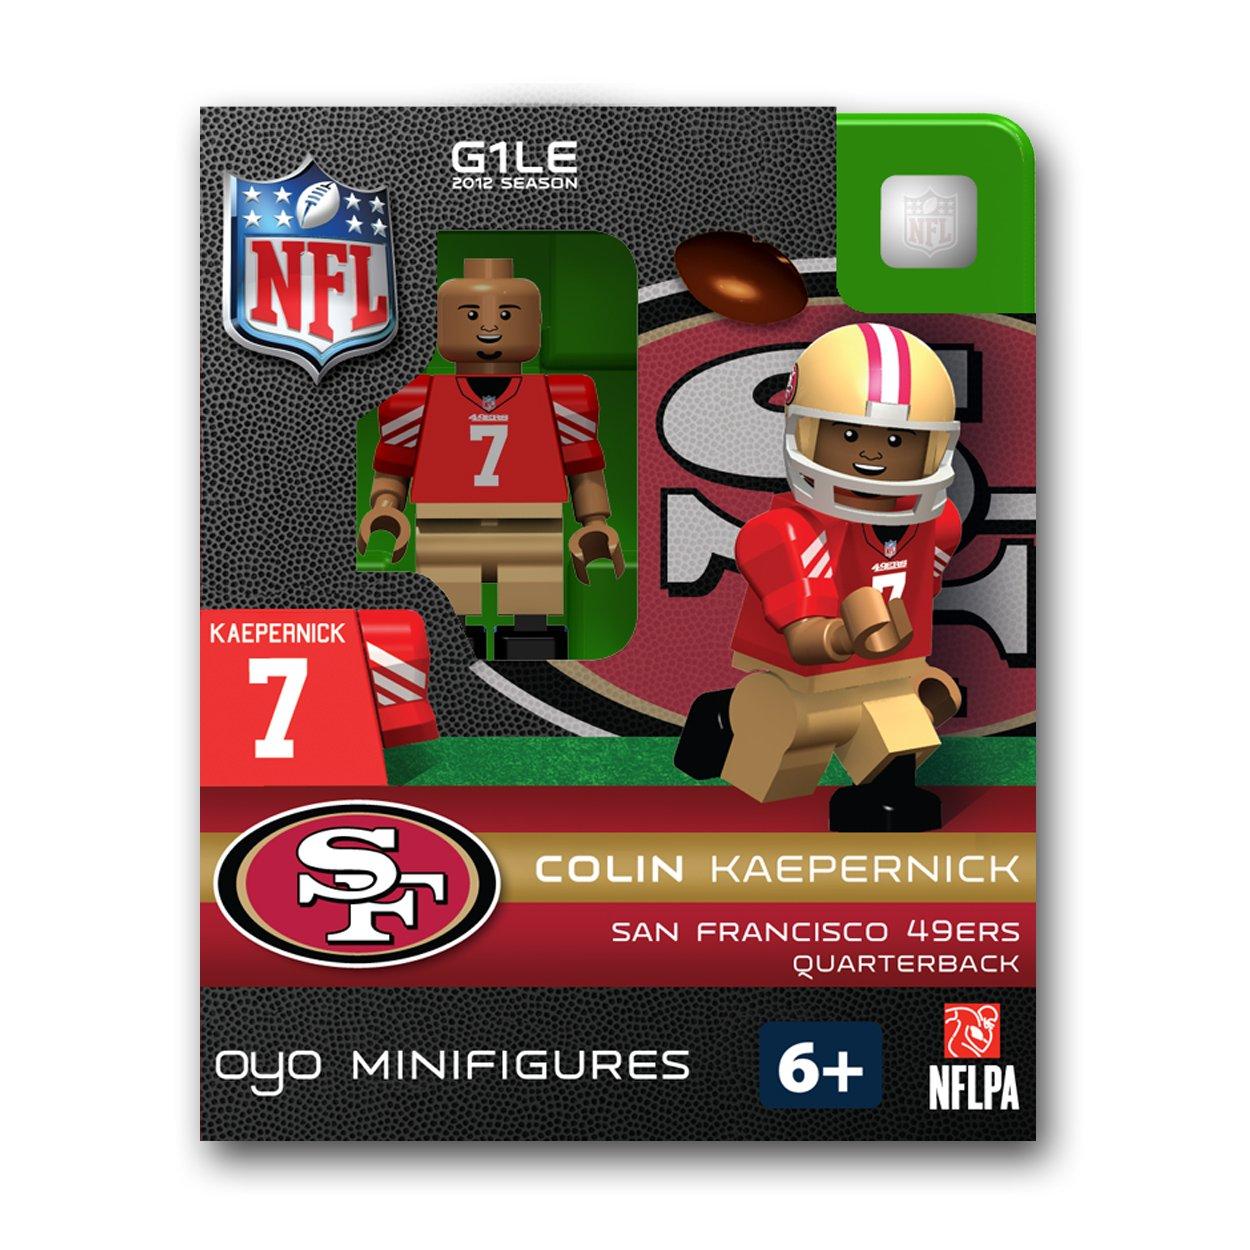 99eab3851a2 Amazon.com : OYO NFL San Francisco 49ers Colin Kaepernick Figurine : Sports  Fan Toy Figures : Sports & Outdoors